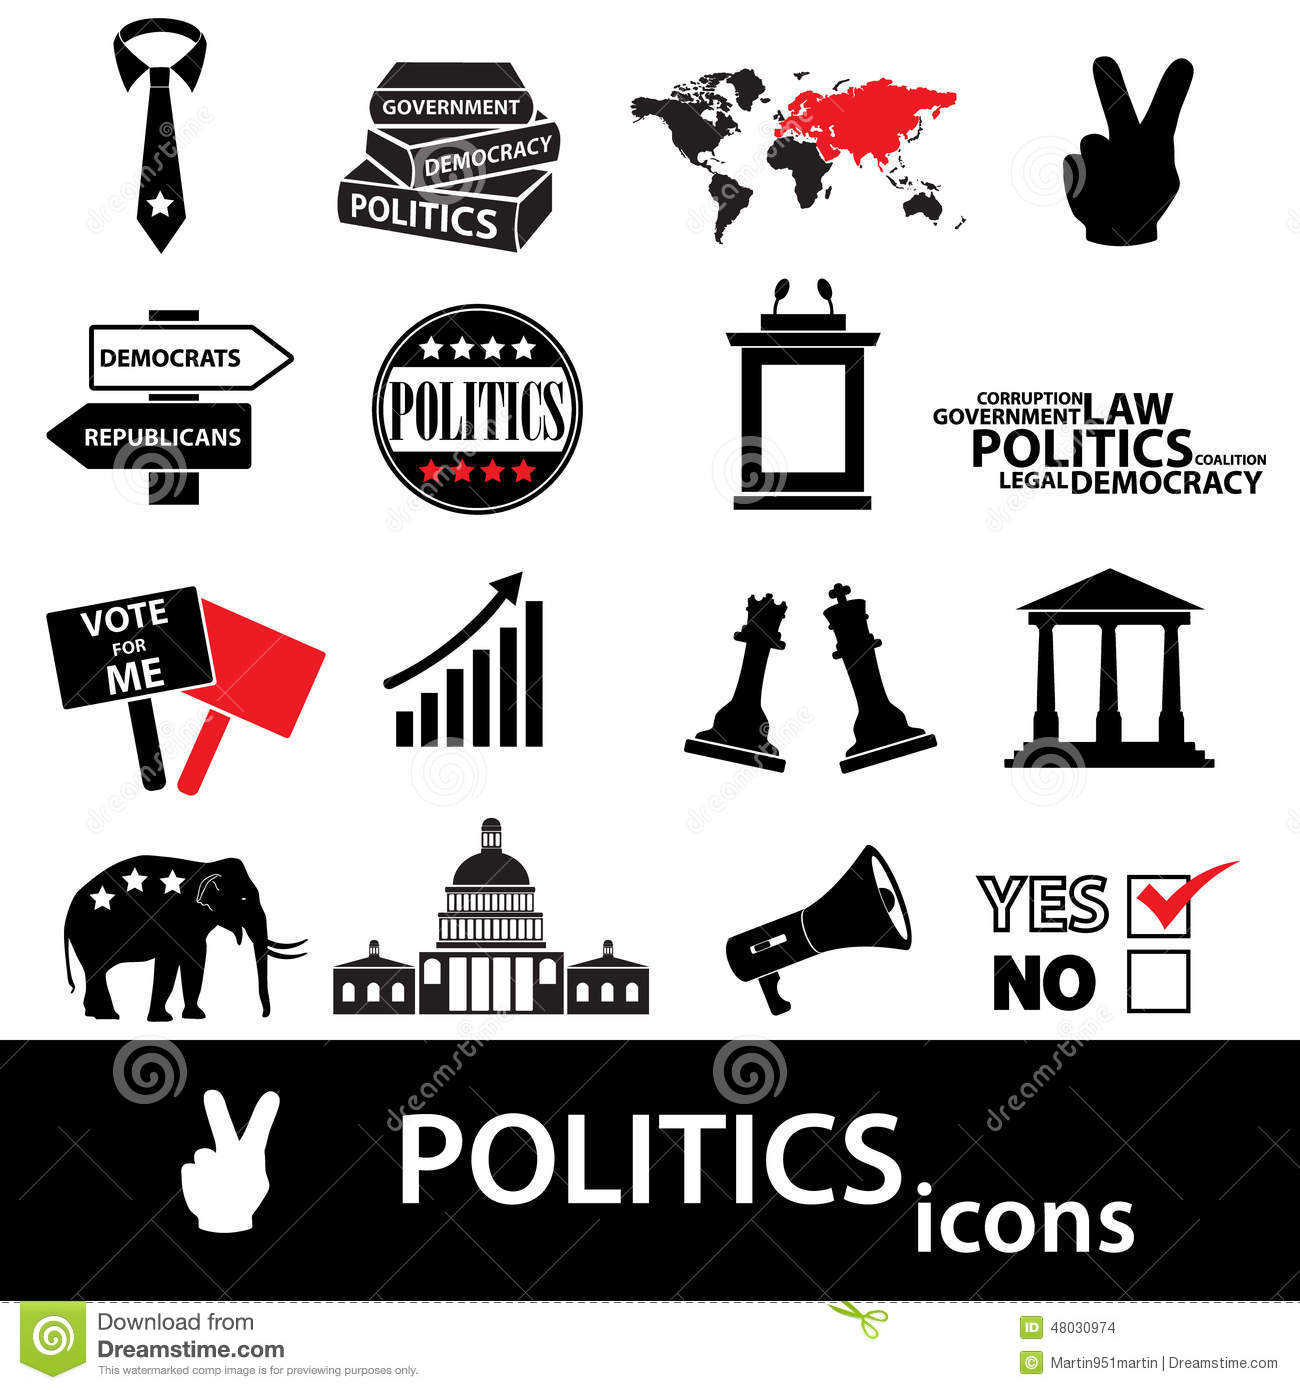 POLITICA TUTTE LE NOTIZIE IN TEMPO REALE: LEGGI!